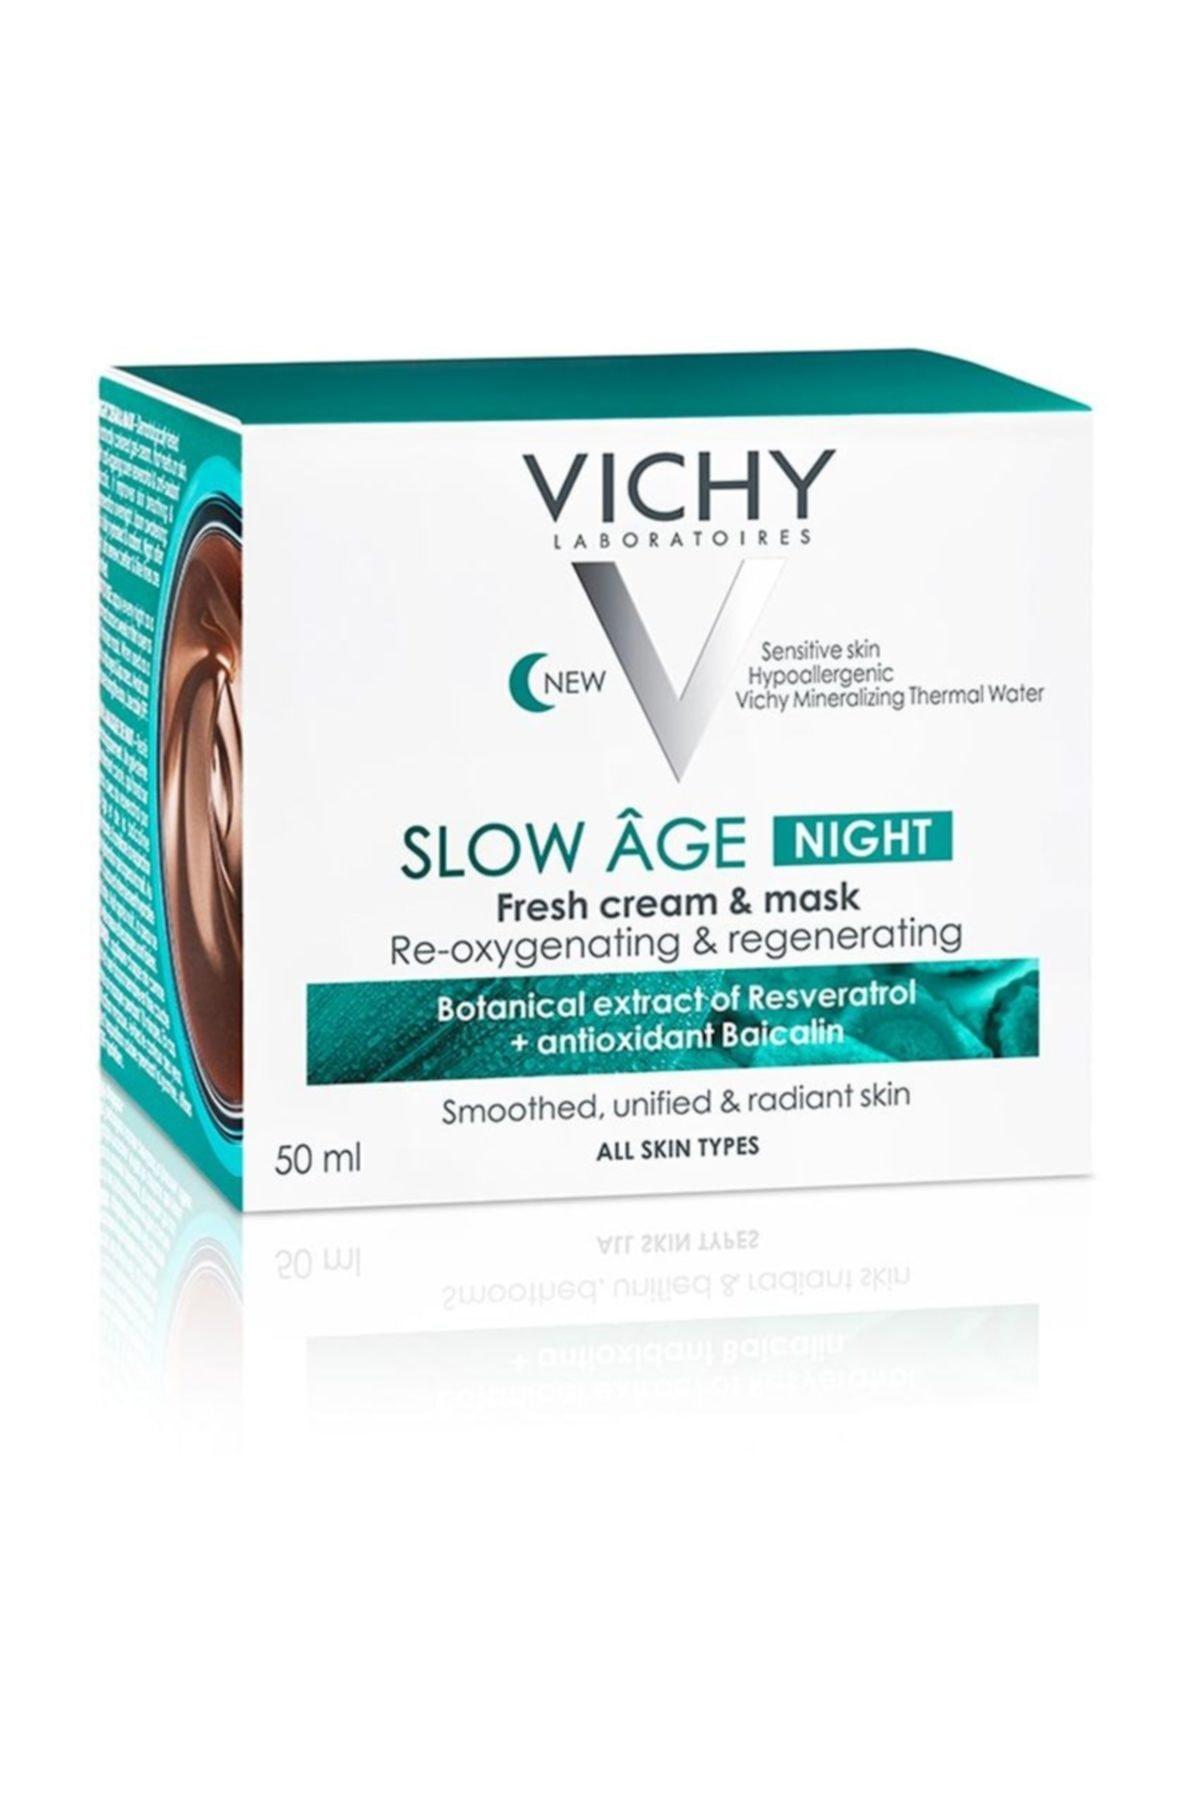 Vichy Slow Age Night Probiyotik Türevi Içeren Detoks Etkili Gece Kremi & Maskesi 50 ml 3337875586283 2